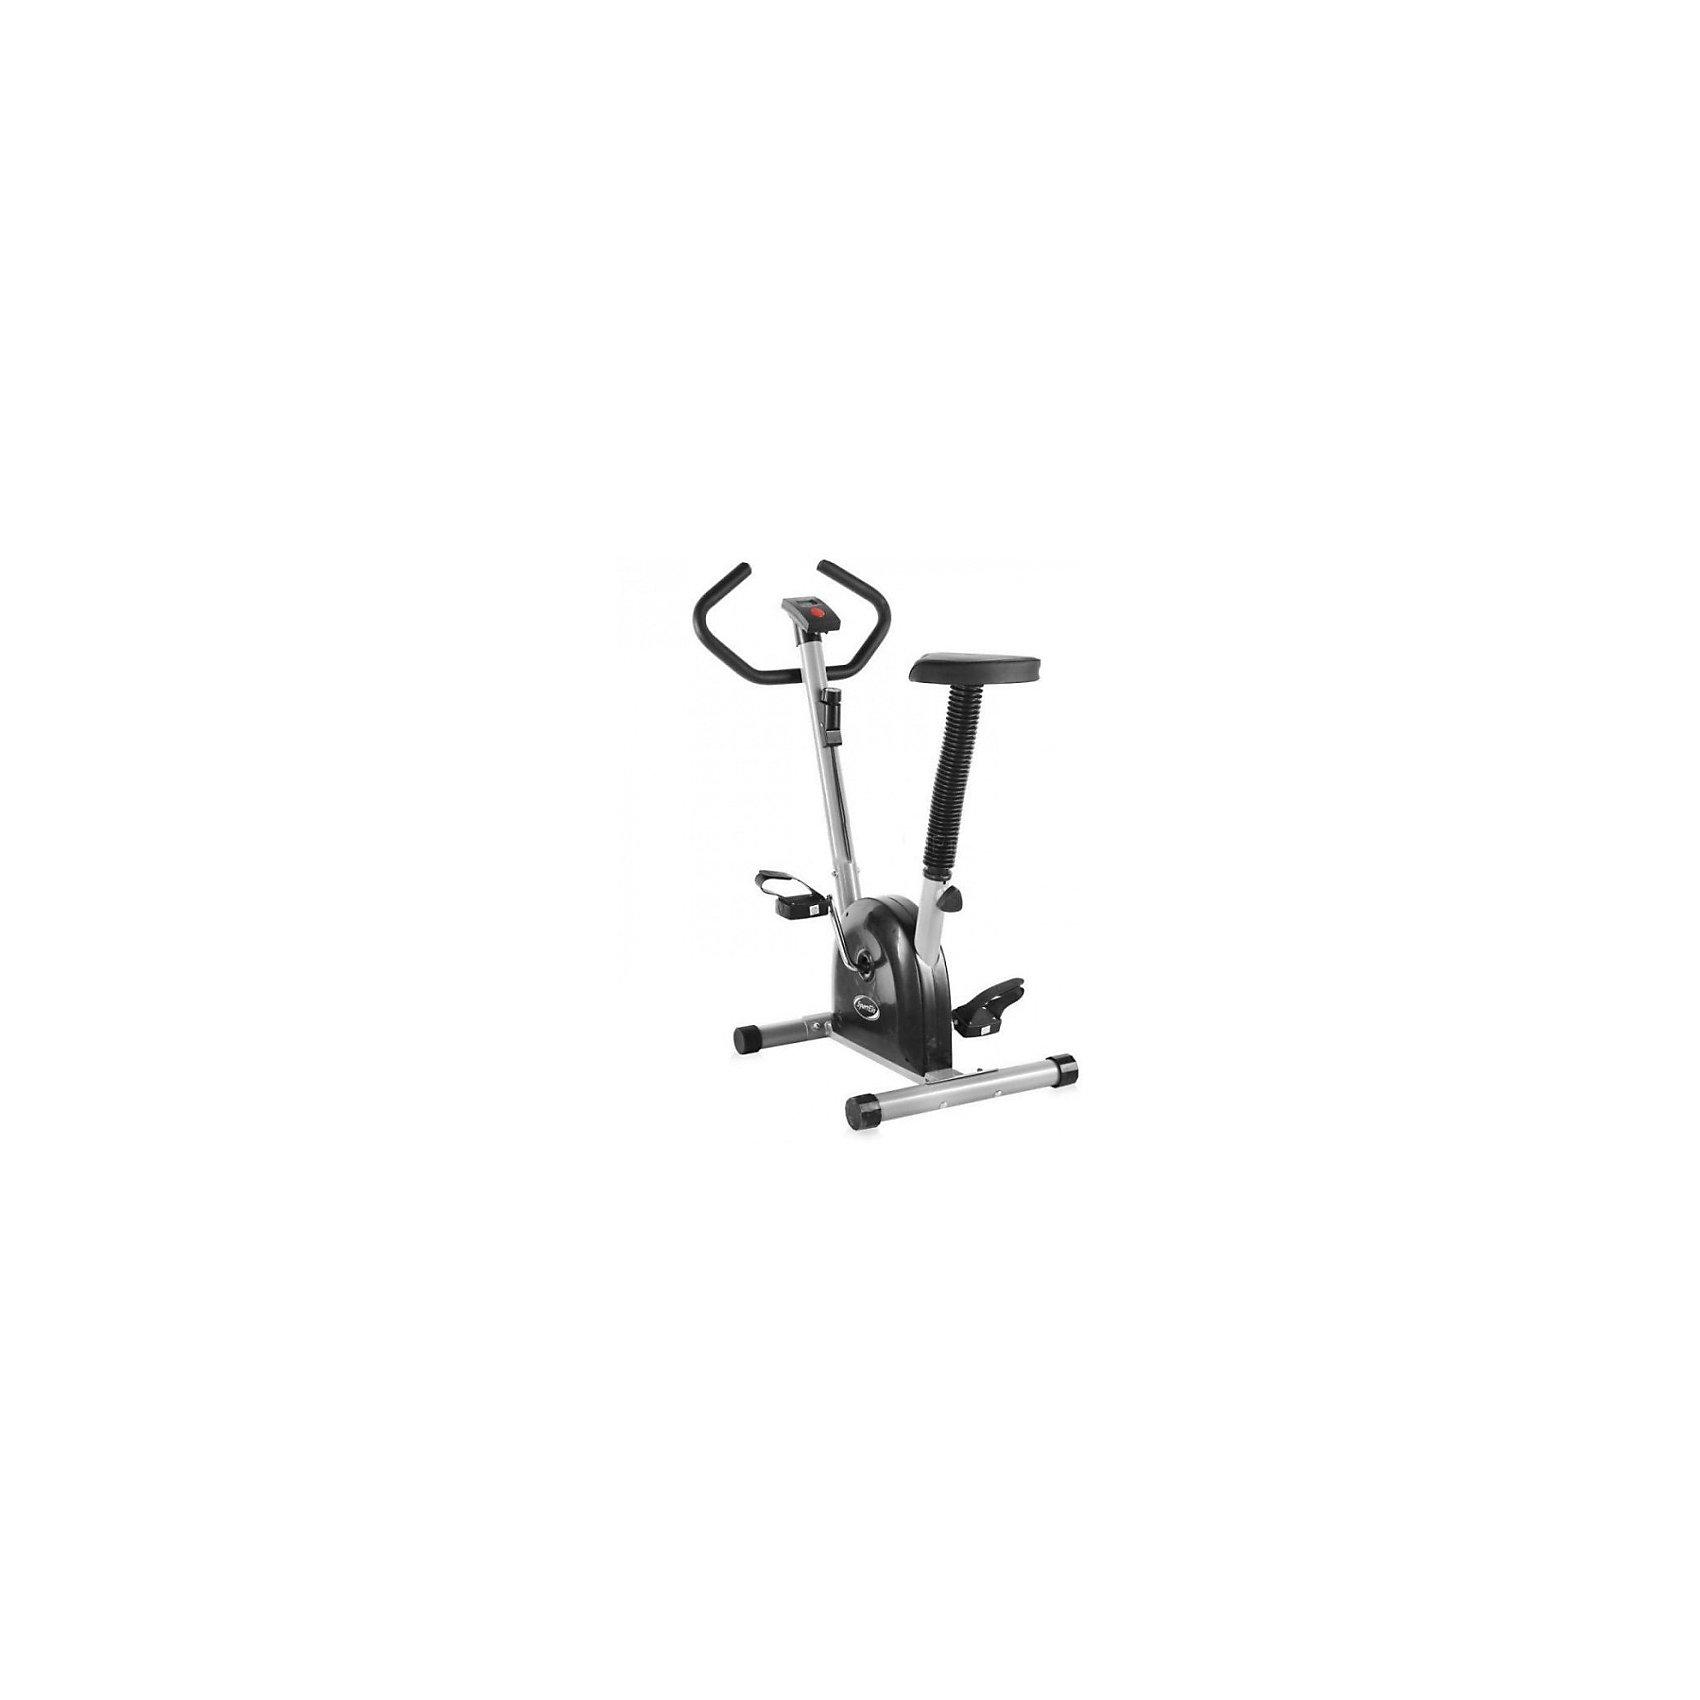 Велотренажер SE-1310, Sport ElitТренажёры<br>Велотренажер SE-1310<br>Артикул: SE-1310<br>Проверенный временем Ременный велотренажер Sport Elit - 1310 завоевал признание многих покупателей. Простая, но, в то же время, очень эффективная конструкция, механический тип торможения и управления нагрузкой делает этот тренажер очень эффективным в работе и долговечным. Он попросту не может сломаться, в нем все отлично продумано и подогнано друг под друга. Классический дизайн легко впишется в любой интерьер. <br>Несмотря на свой механический тип ременный велотренажер Sport Elit - 1310 снабжен компьютером для измерения дистанции, скорости, времени и количества потраченных калорий. Все параметры тренировки регулярно замеряются и отображаются на экране каждые 6 секунд. Большие нескользящие педали с ремешком и регулировка сидения: по вертикали, позволят любому члену семьи получить удовольствие от занятий на этом замечательном тренажере.<br>. <br><br>Основные характеристики<br>Использование:Домашнее<br>Тип:вертикальный<br>Система нагрузки:ременная<br>Максимальный вес пользователя:100 кг<br>Измерение пульса:Нет<br>Количество уровней нагрузки:8<br>Разработка и дизайн:Тайвань<br>Страна производитель:Китай<br>Монитор и программы<br>Показания консоли:Время тренировки, пройденная дистанция, скорость, расход калорий<br>Количество программ:Программы отсутствуют<br>Спецификации программ:Нет<br>Специальные программные возможности:Нет<br>Многоязычный интерфейс:Нет<br>Интеграция:Нет<br>Дополнительные характеристики<br>Педальный узел:Однокомпонентный<br>Транспортировочные ролики:Нет<br>Возможность программирования тренировки:Нет<br>Регулировка руля:Нет<br>Регулировка положения сиденияпо вертикали<br>Сидение:Мягкое с гелиевым наполнителем<br>Питание:Не требует подключения к сети<br>Габариты и вес тренажера<br>Вес тренажера:12.5 кг<br>Маховик: Нет<br>Габариты тренажера:70 х 46 х 99 см<br>Гарантия:18 месяцев<br><br>Ширина мм: 570<br>Глубина мм: 220<br>Высота мм: 460<br>Вес г: 11200<br>Возраст от м